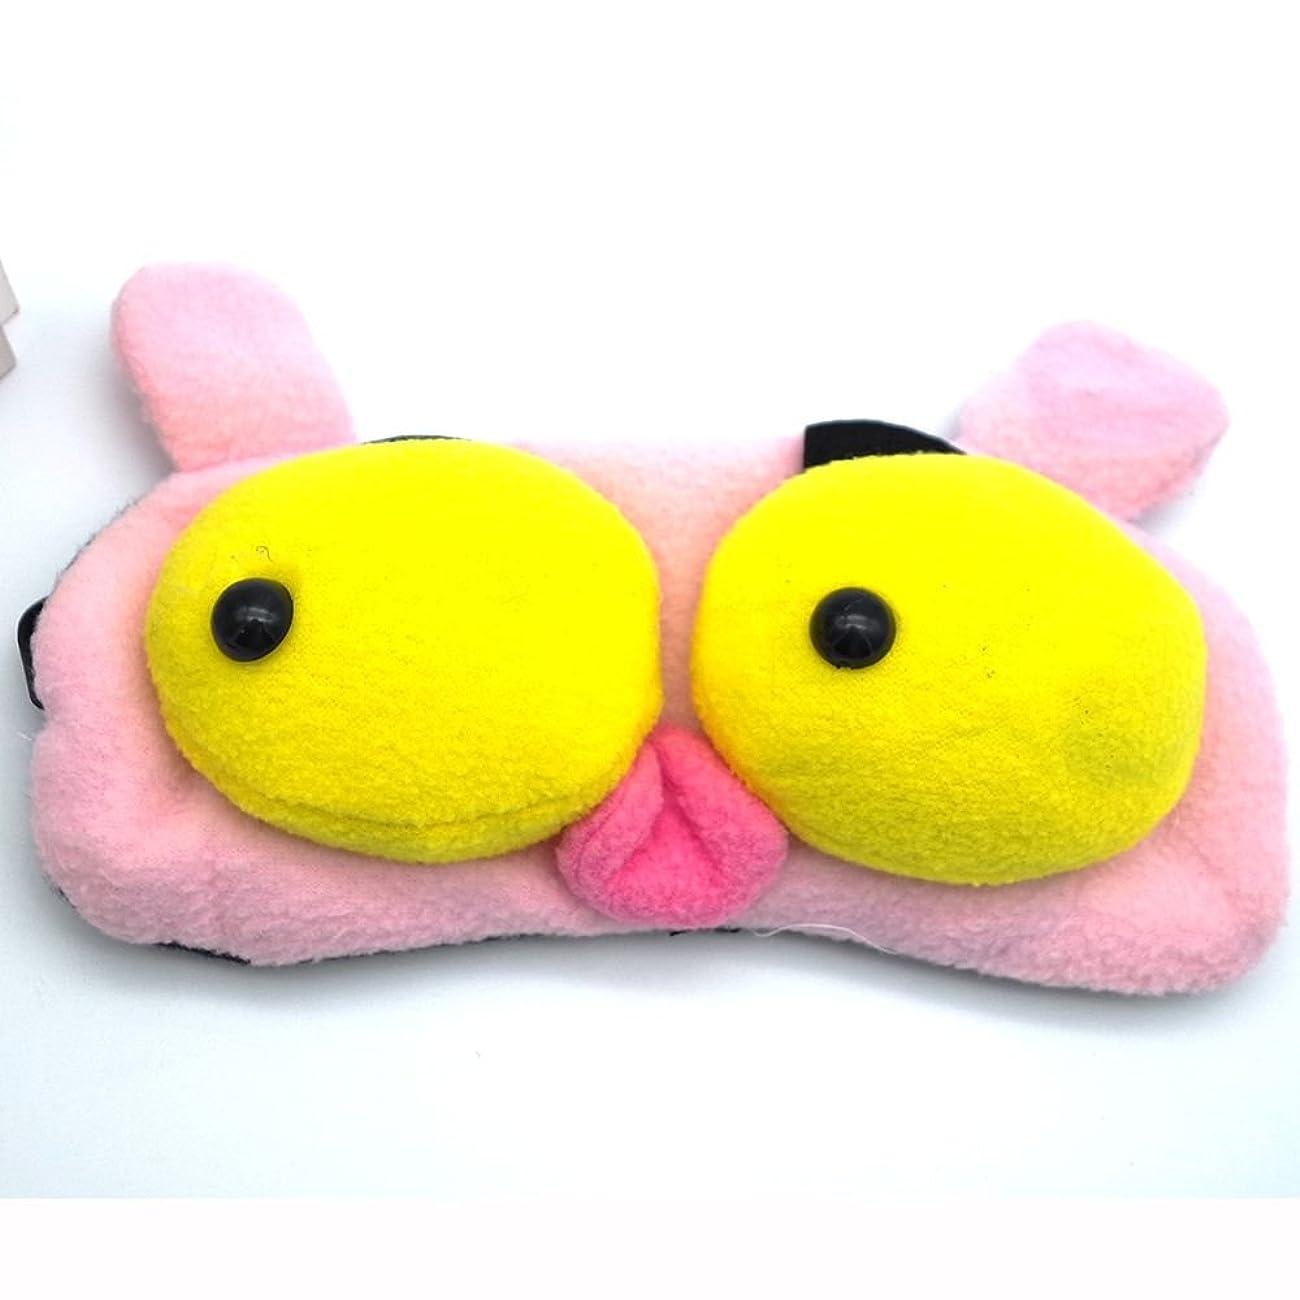 ご近所電子レンジトレイルNOTE 1ピースかわいい動物睡眠アイマスクパッド入りシェードカバーフランネル睡眠マスク休息旅行リラックス睡眠補助目隠しカバーアイパット